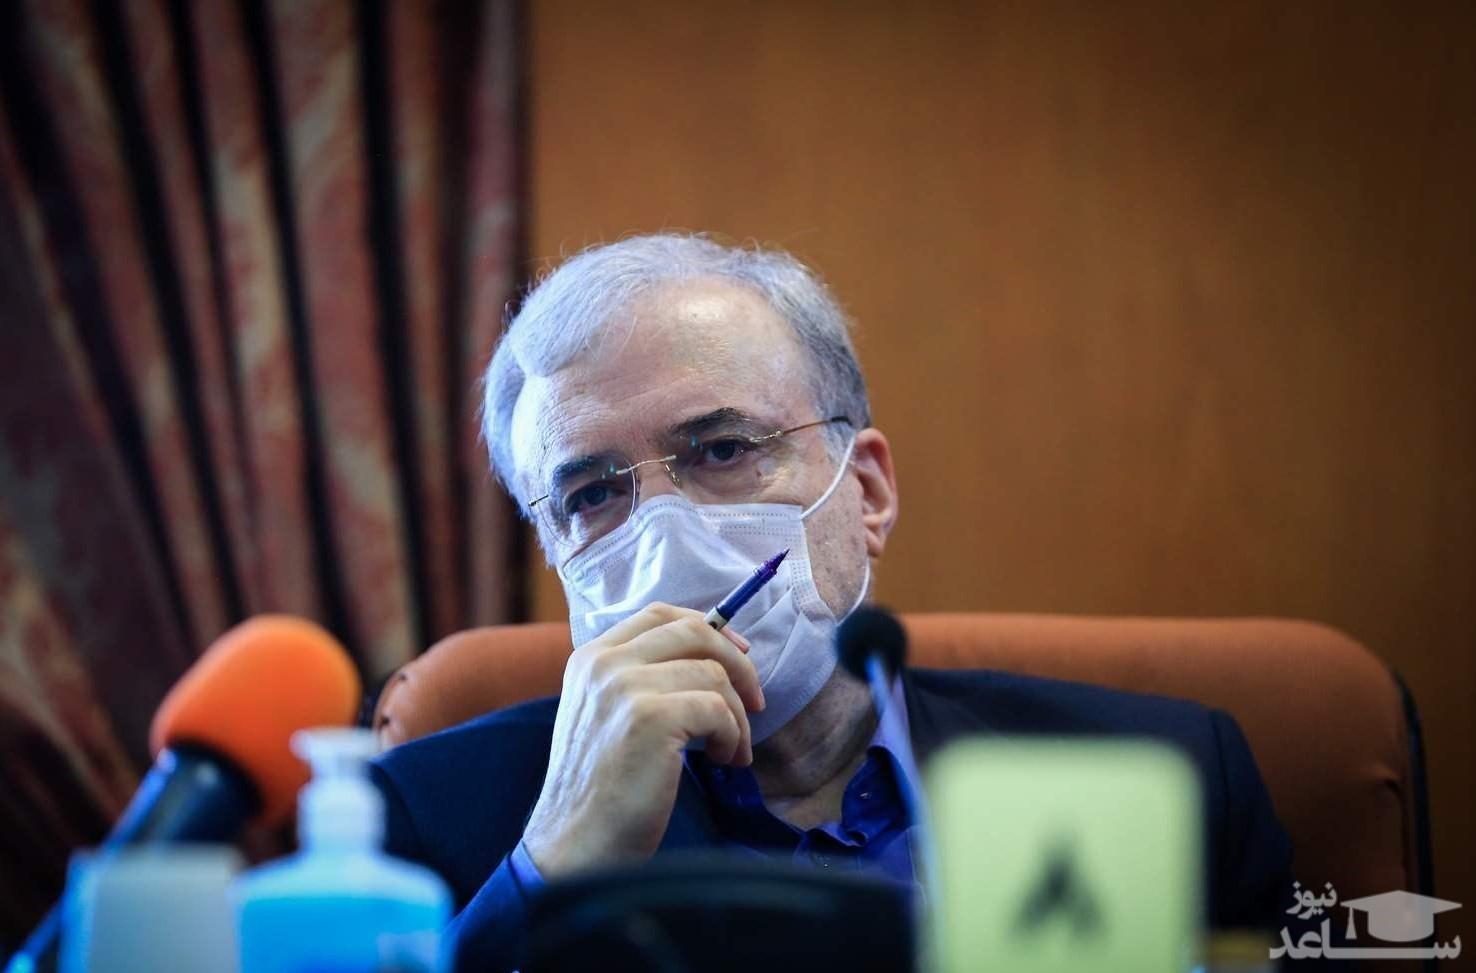 وزیر بهداشت: مردم خودشان را برای طوفان کرونا آماده کنند